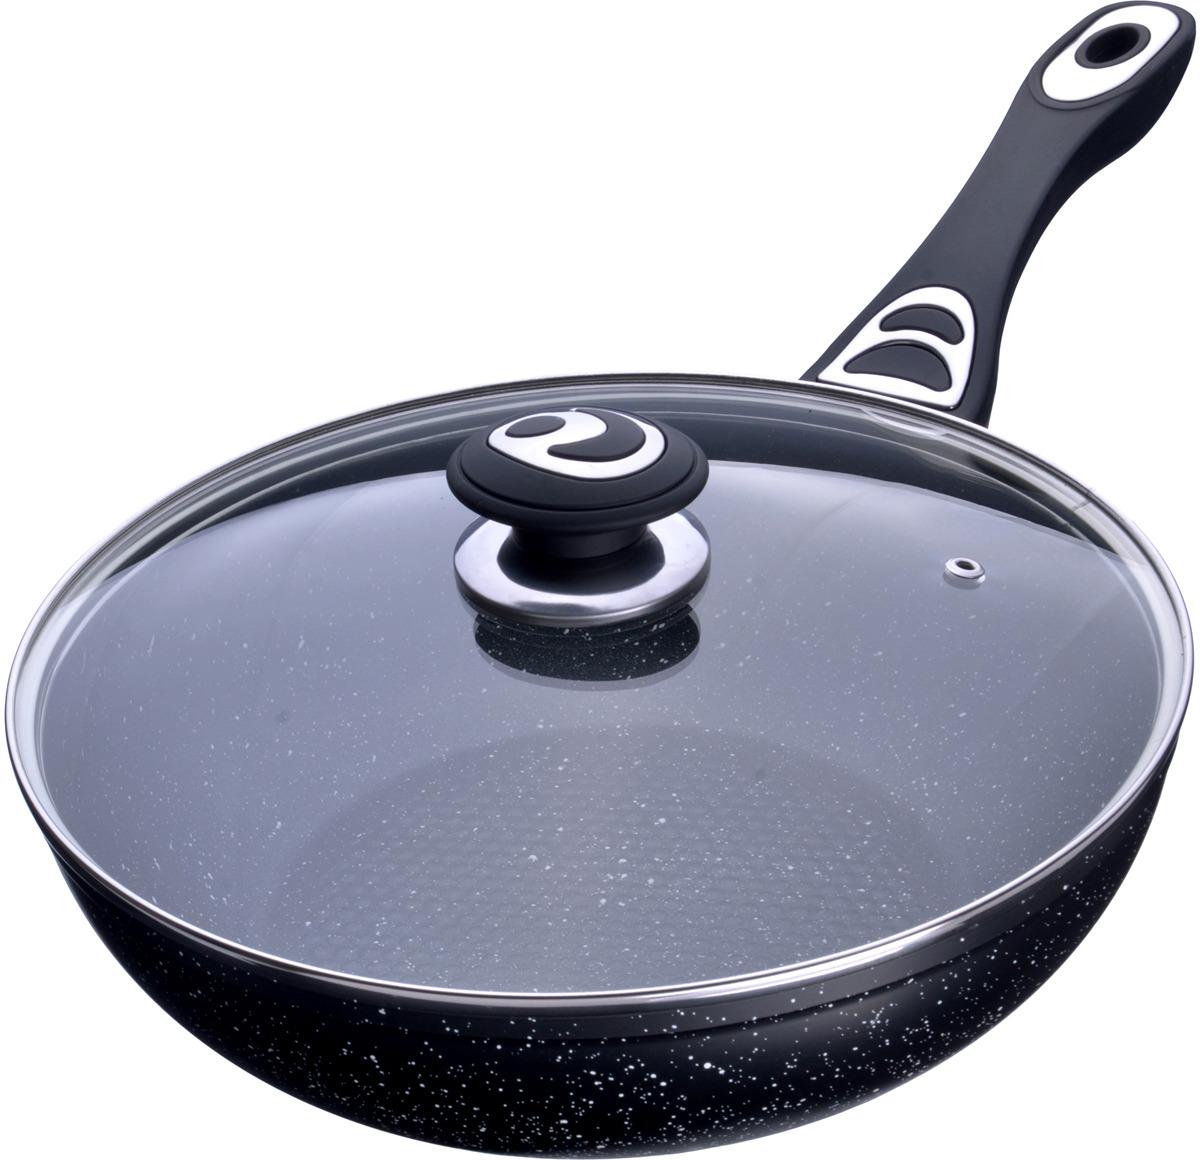 Сковорода-ВОК Mayer & Boch выполнена из качественного алюминия и снабжена антипригарным покрытием особой прочности. Покрытие антипригарное жаропрочное, защищает сковороду от царапин, является экологически чистым и полностью безопасным, без вредных соединений и примесей. За счет того, что пища не пригорает и не пристает к покрытию сковороды, ее легко и быстро мыть. Прочное индукционное дно сковороды устойчиво к повреждениям и деформации. Эргономичная ручка из бакелита не нагревается и не скользит, а крышка из прозрачного стекла позволит следить за процессом приготовления еды. Такая сковорода является незаменимой для жарки и тушения различных блюд. Подходит для использования на всех типах плит. Подходит для мытья в посудомоечной машине.